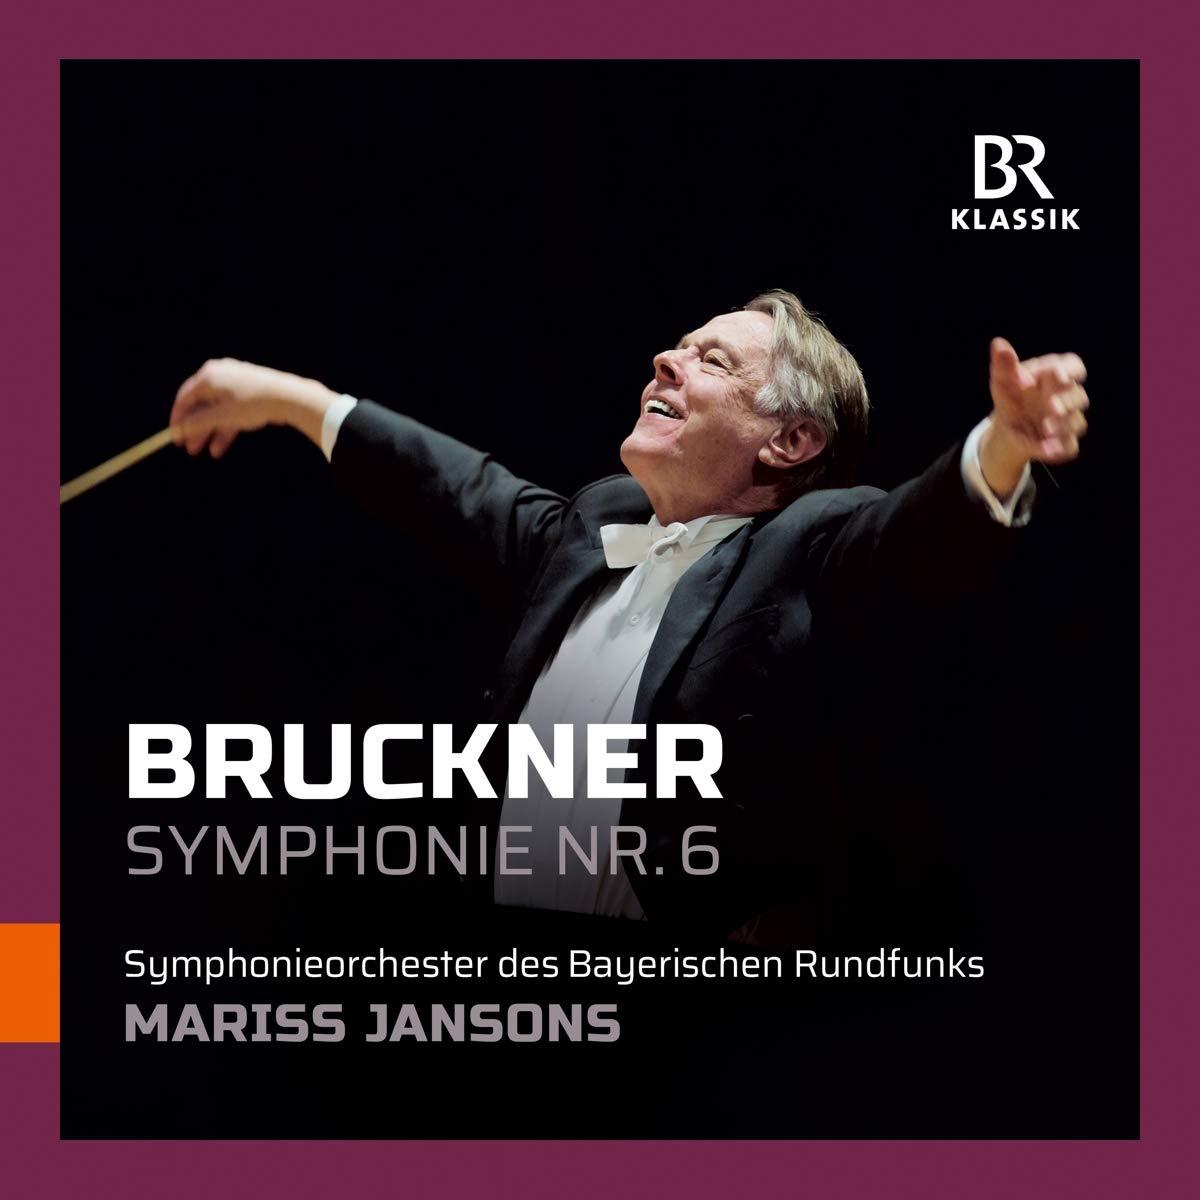 CD-Rezension: Anton Bruckner, Symphonie Nr. 6, Symphonieorchester des Bayerischen Rundfunks, Mariss Jansons